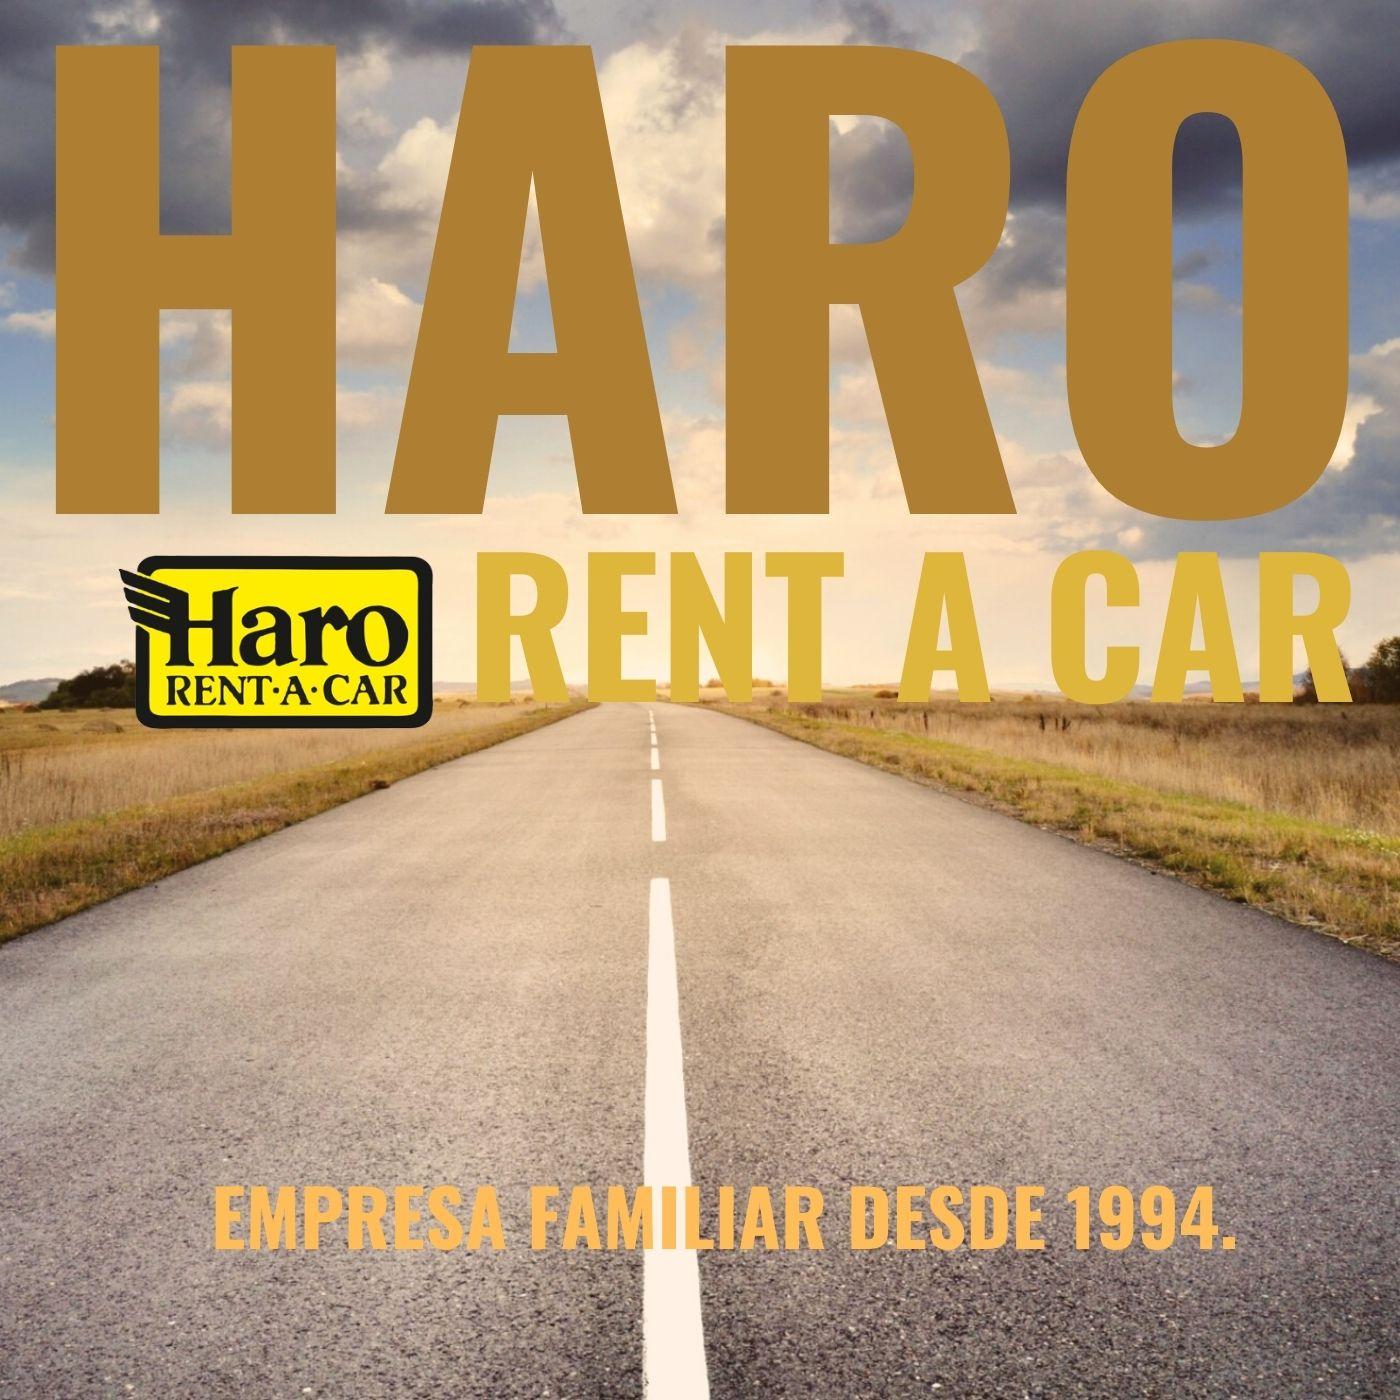 Nuestro nuevo sitio web harorentacar.com